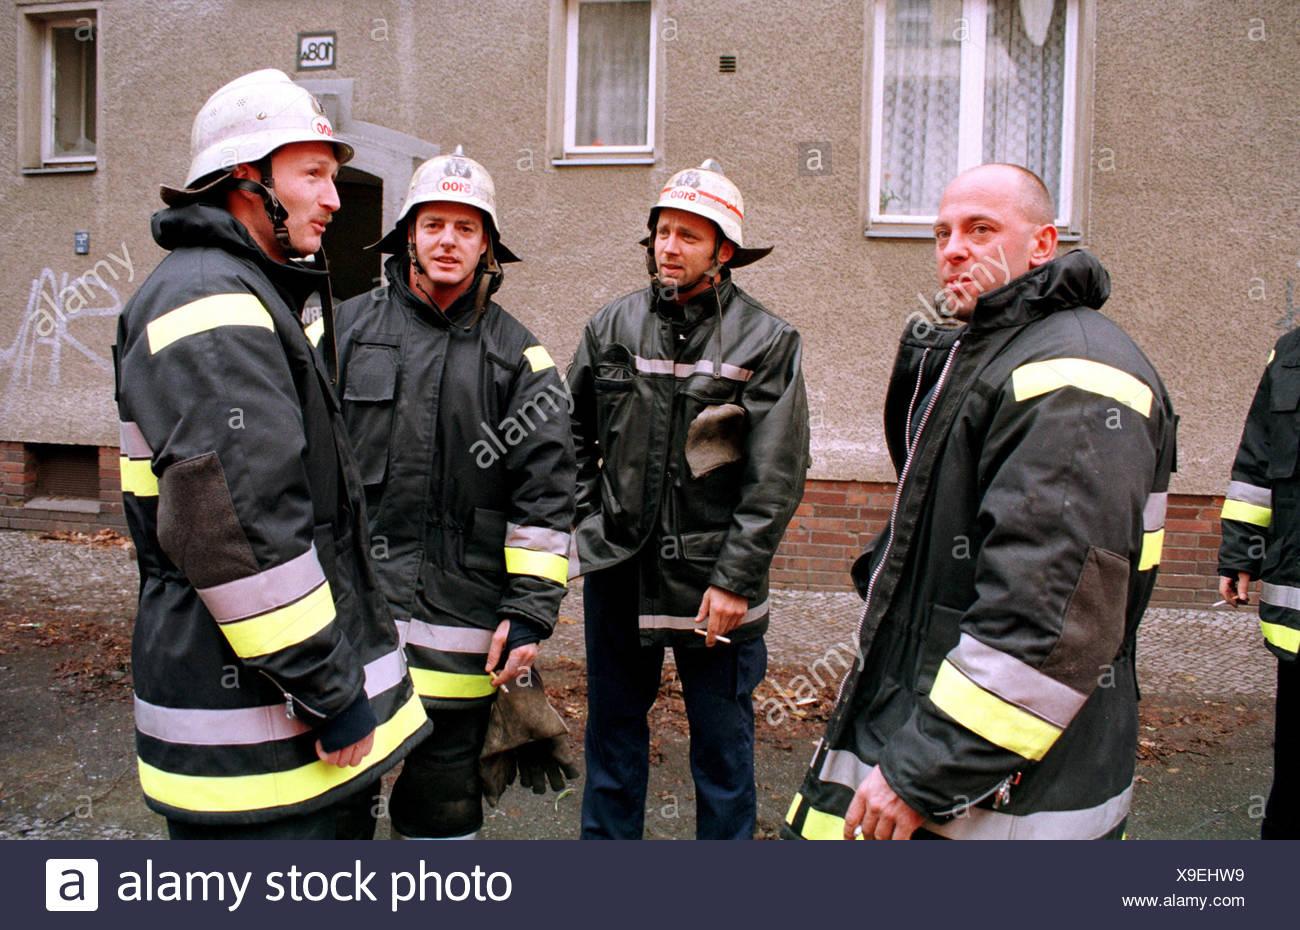 Berliner Feuerwehr nach der Bereitstellung, Deutschland Stockbild